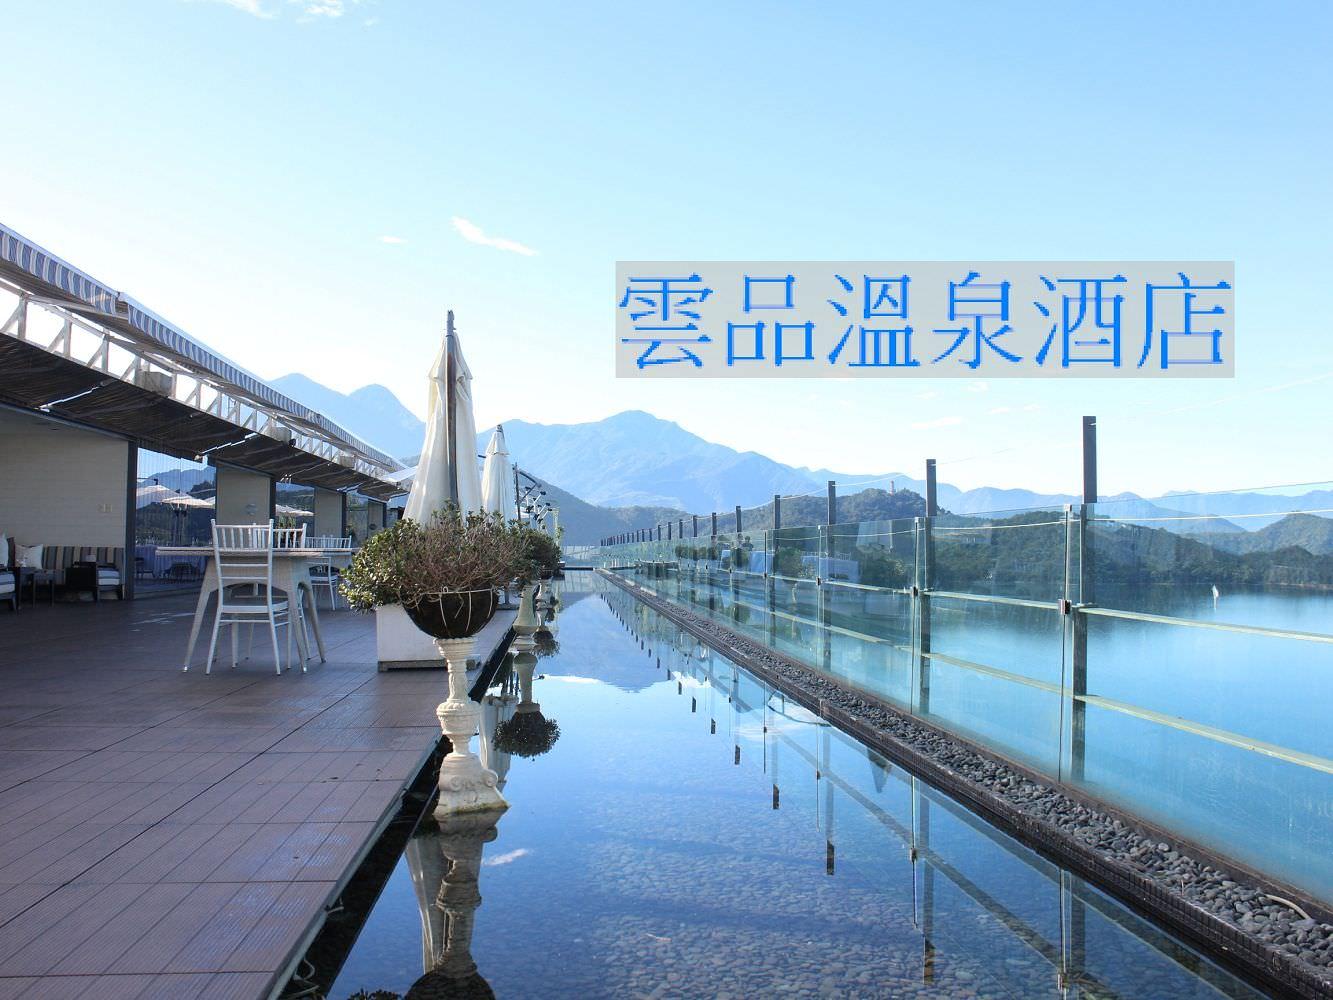 日月潭住宿︱雲品溫泉酒店:擁最佳湖景,享賓至如歸